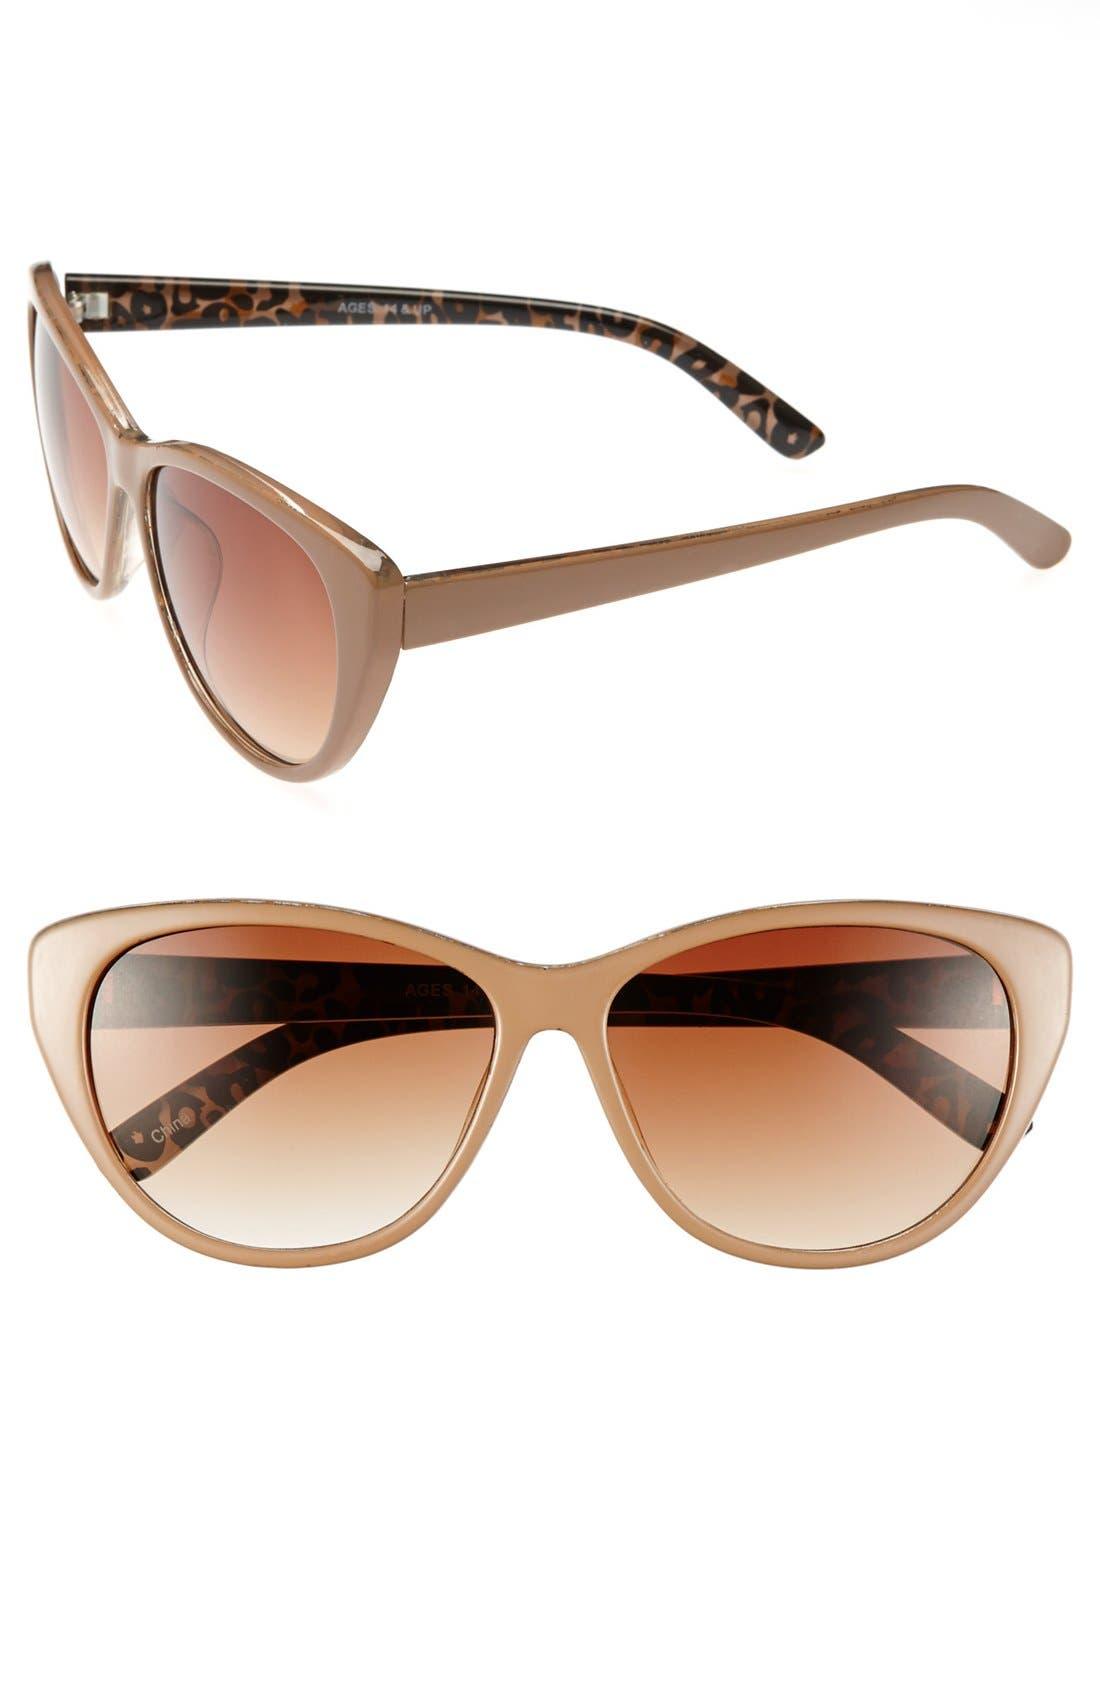 Main Image - FE NY 'Hialeah' 58mm Sunglasses